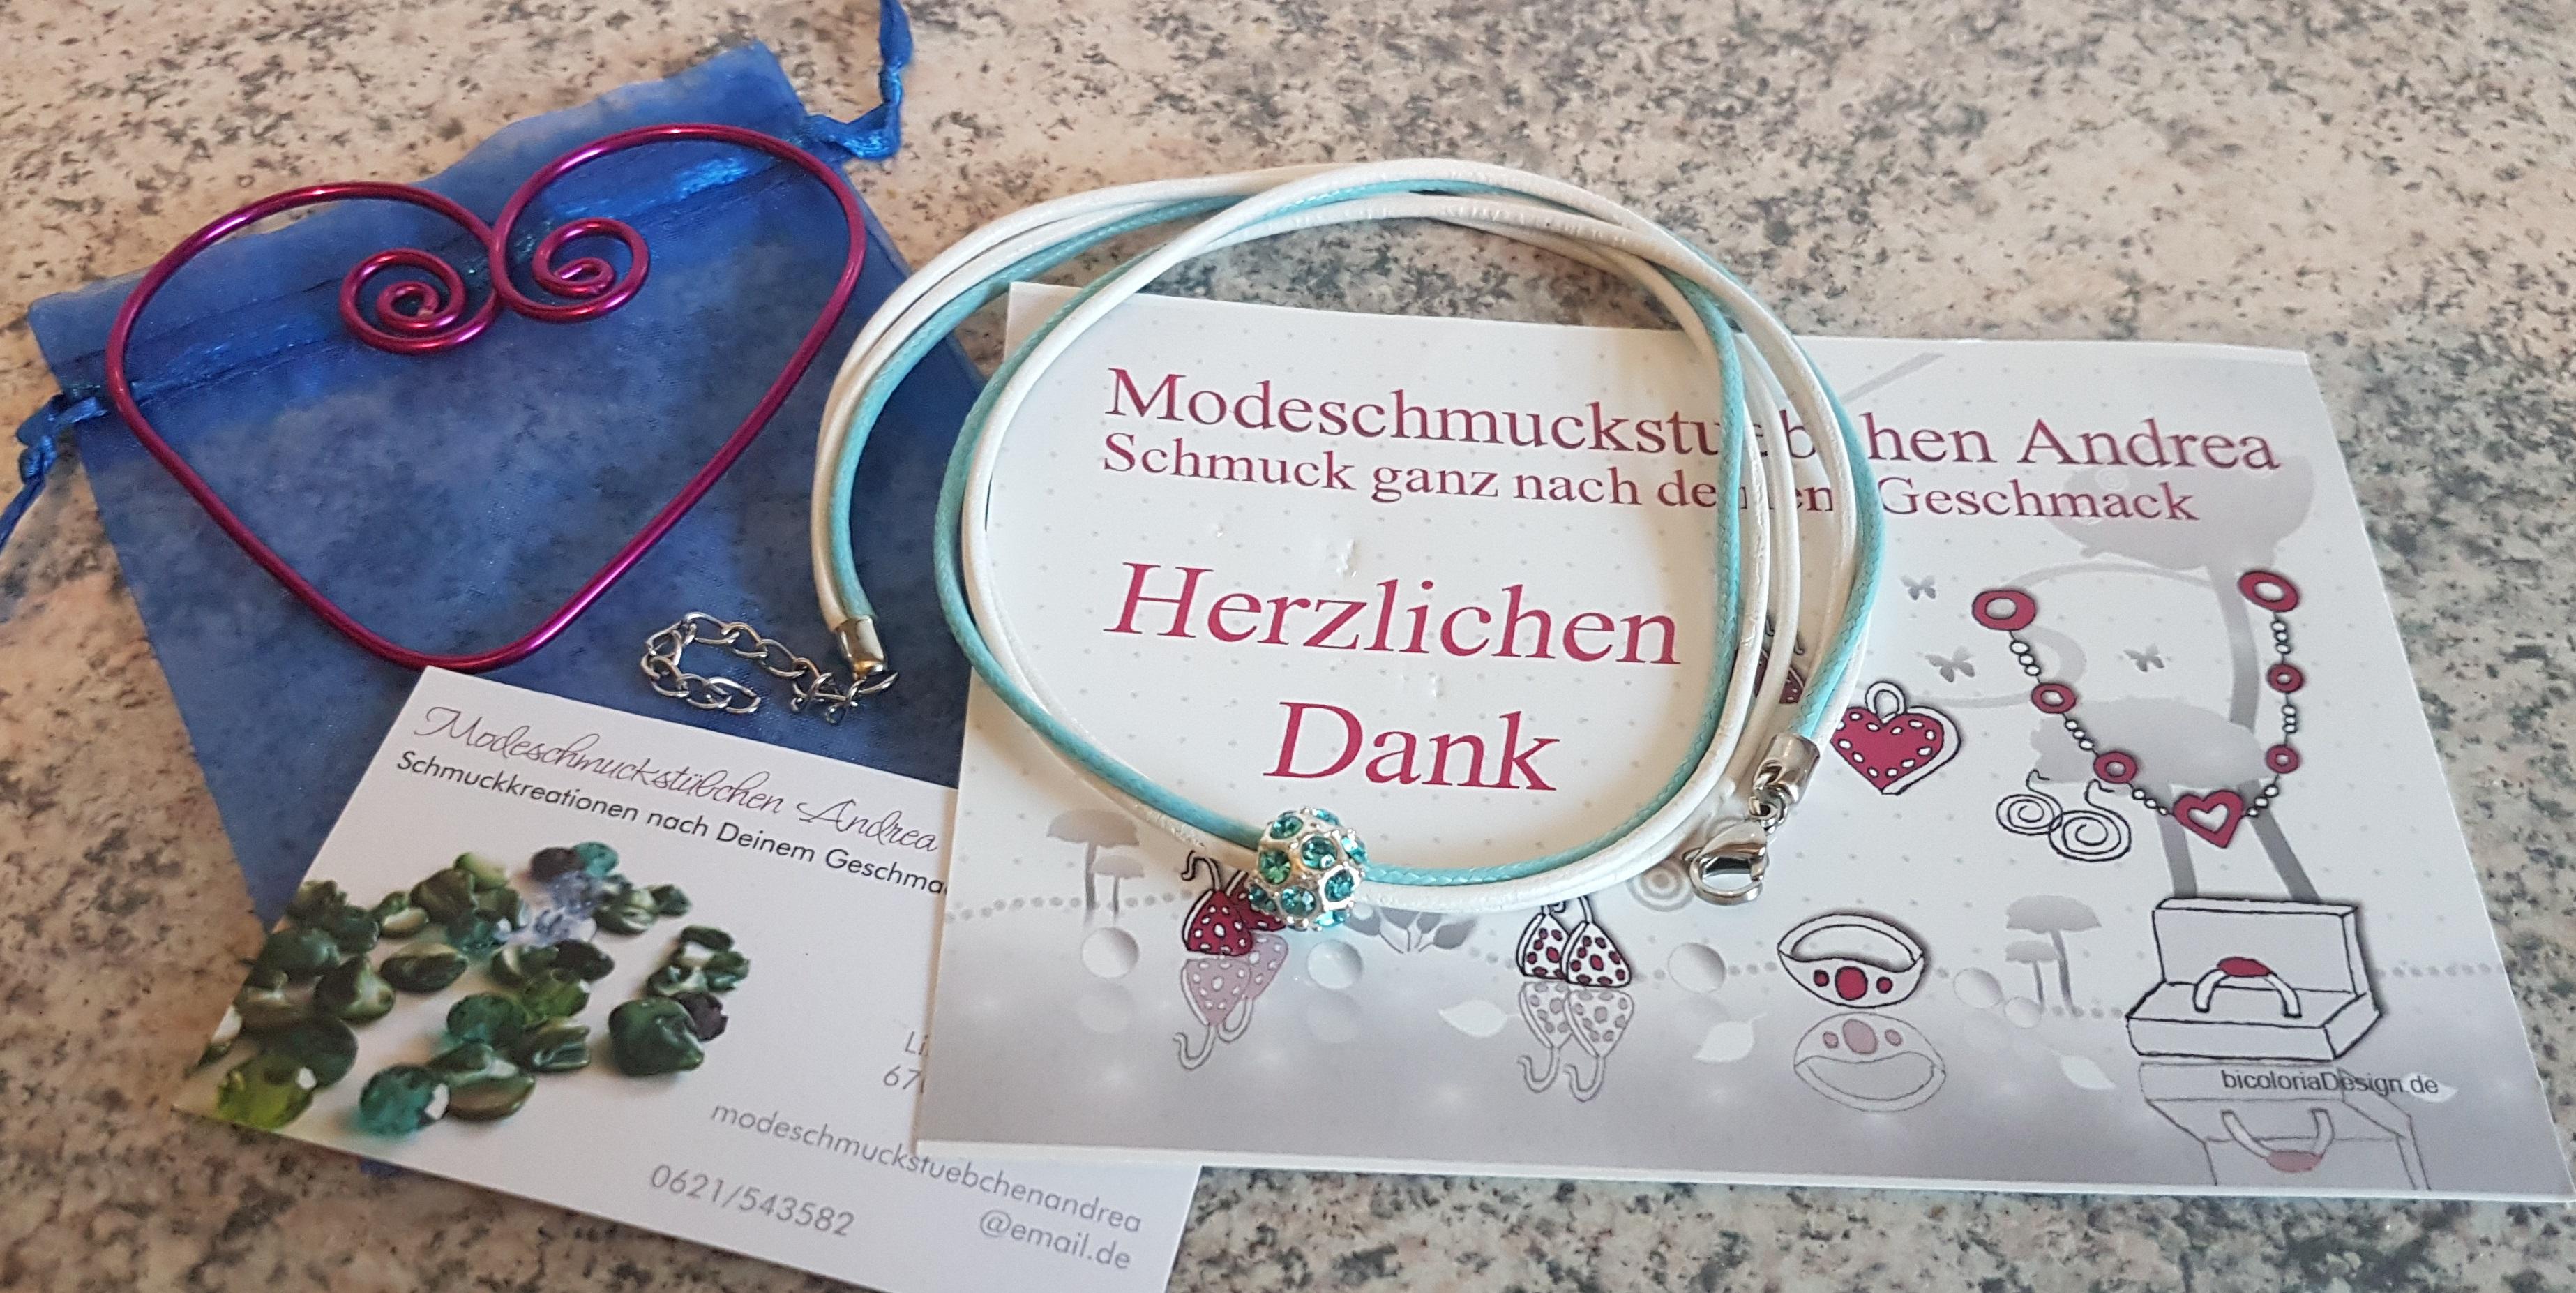 modeschmuckstuebchen-andrea-wickelarmband-und-zugabe